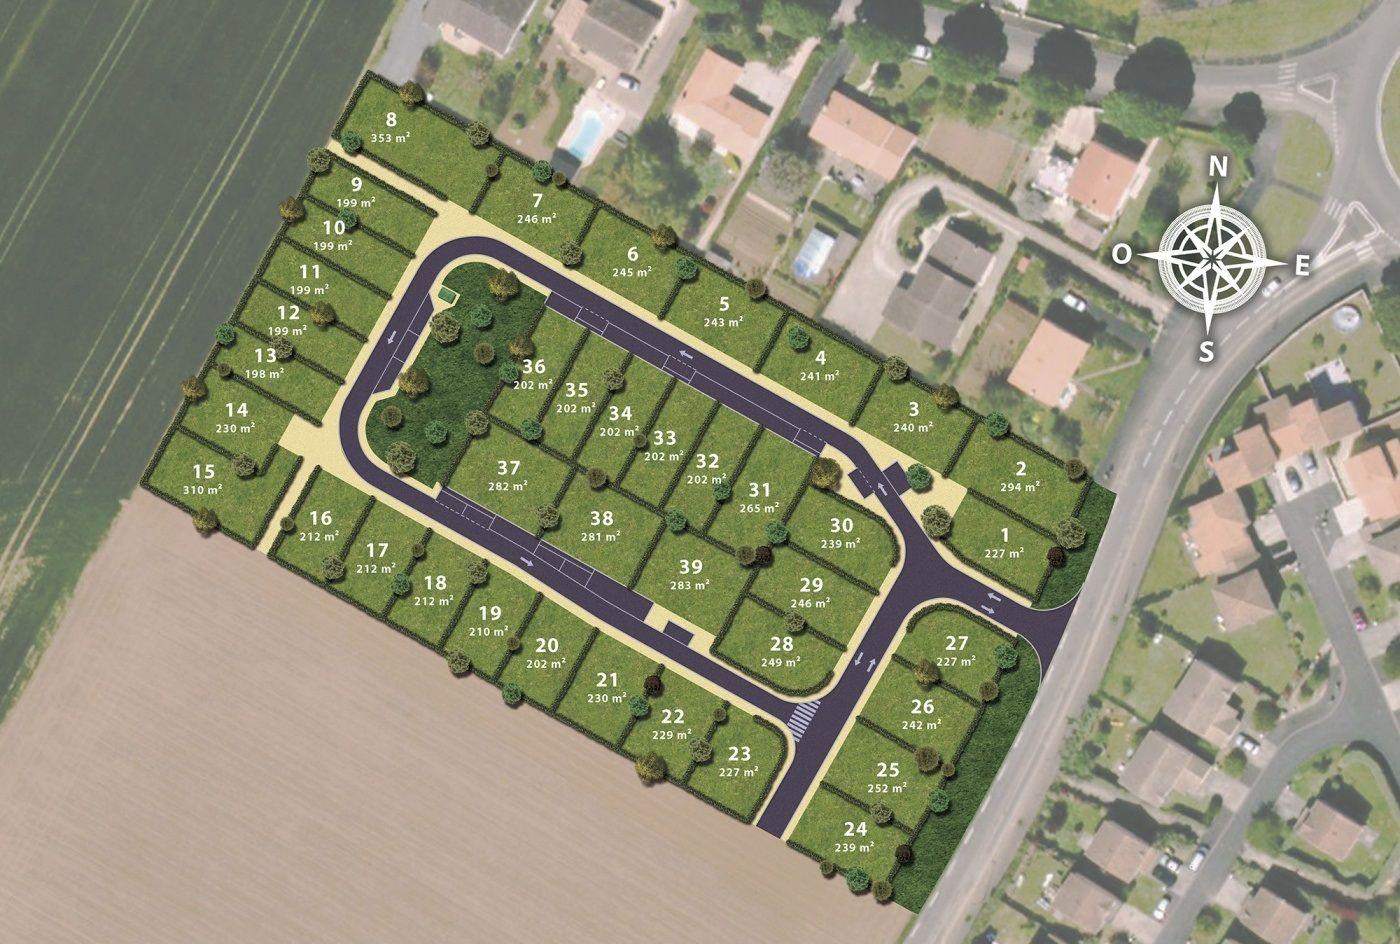 Terrains du constructeur SOLIS CONSTRUCTION - AGENCE DE NIORT • 245 m² • NIORT